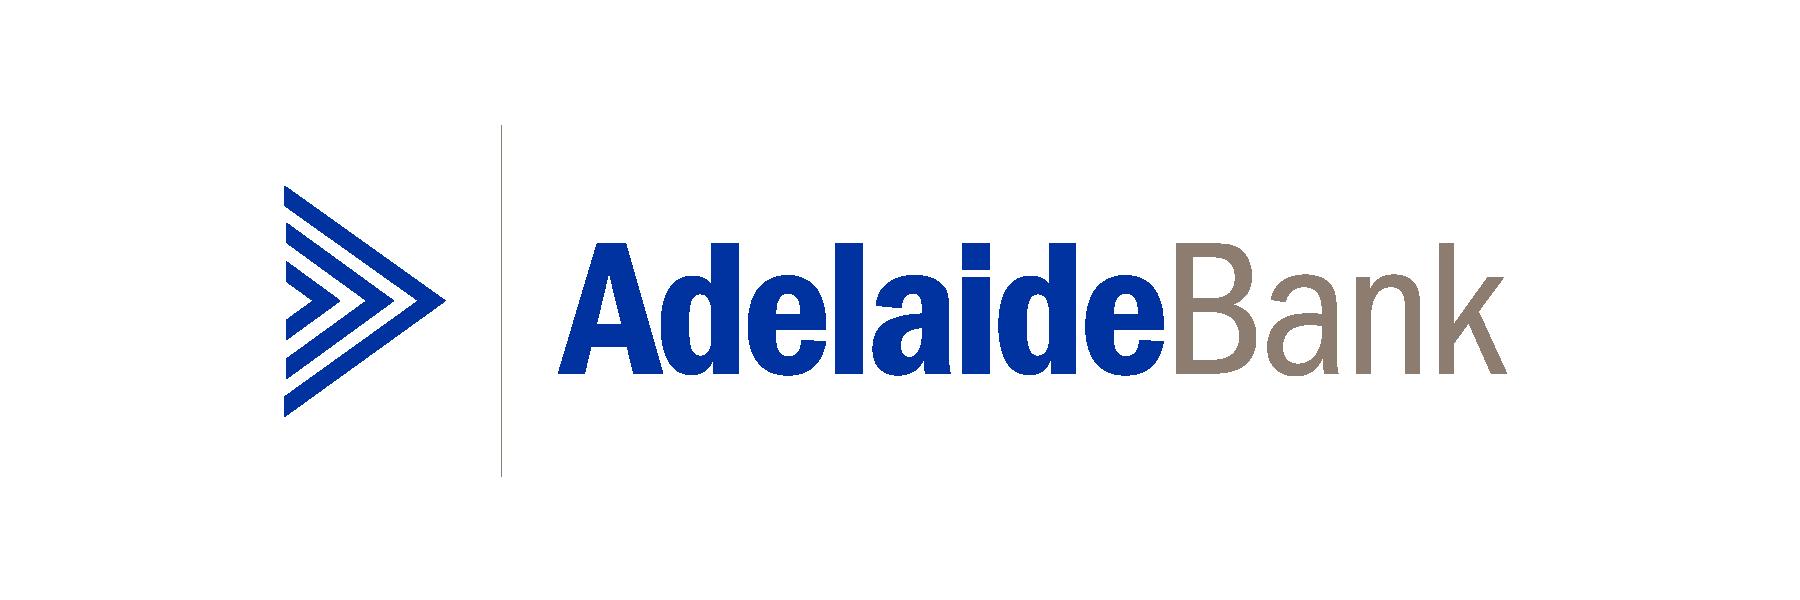 Adelaide_Bank_logo.png